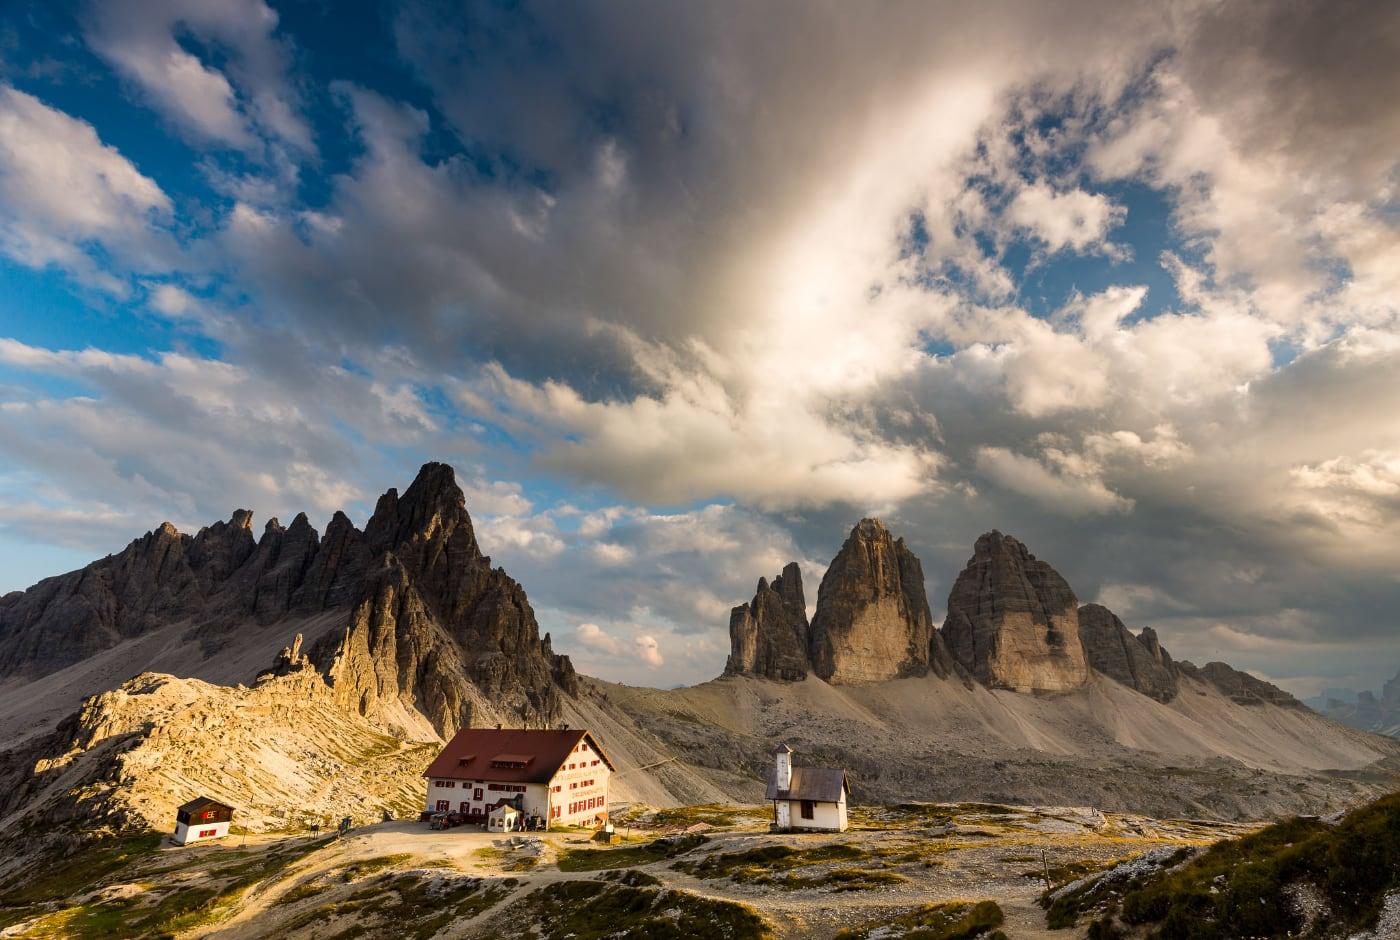 foto: © De Fotoreisshop - berglandschap met twee huizen